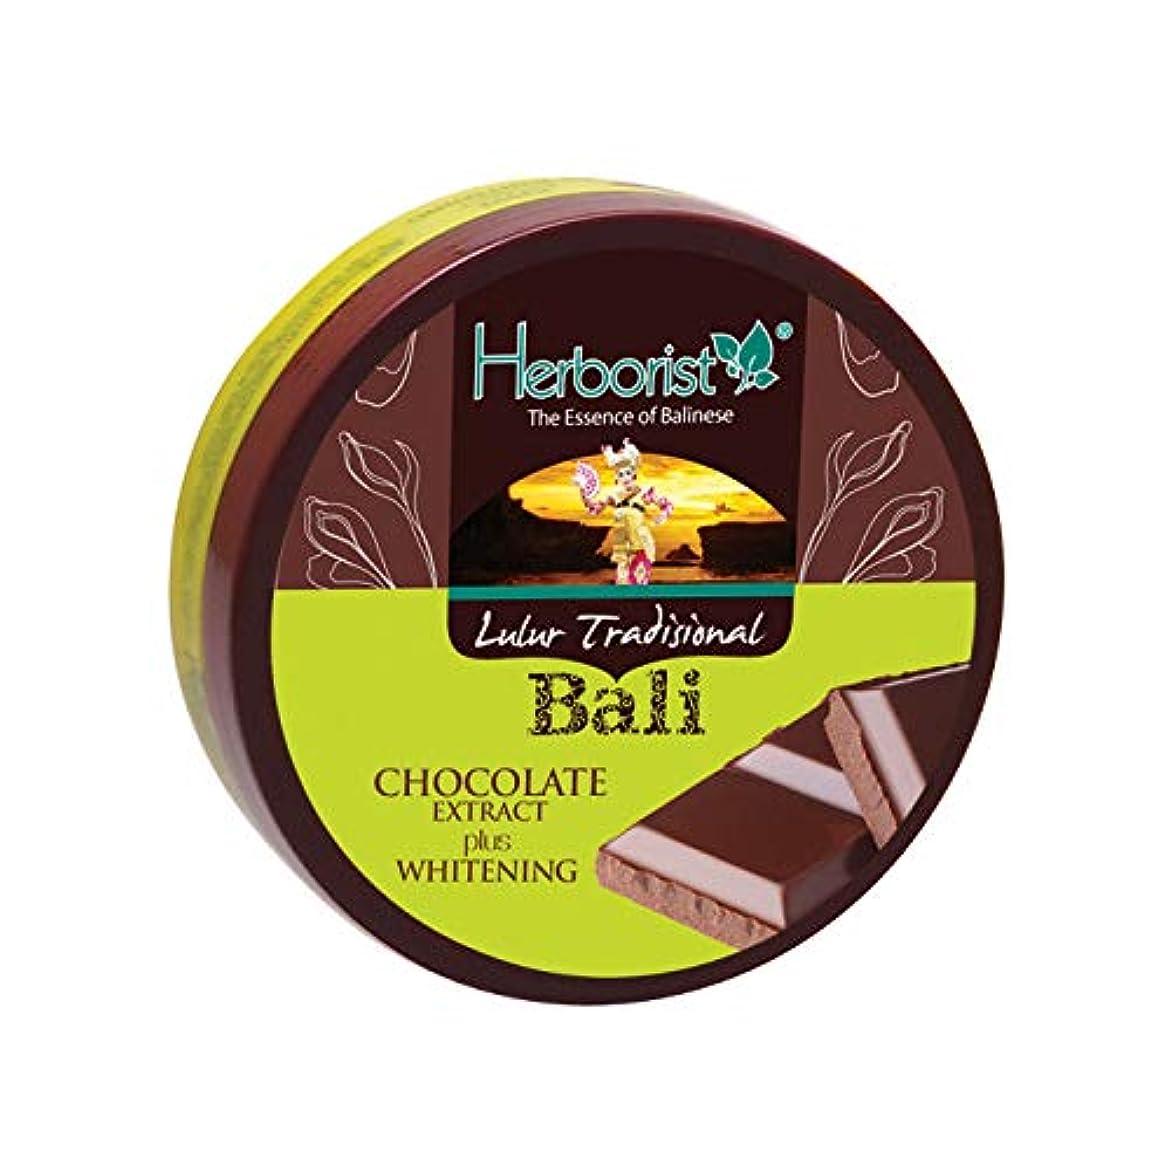 遺跡みぞれ地域のHerborist ハーボリスト インドネシアバリ島の伝統的なボディスクラブ Lulur Tradisional Bali ルルールトラディショナルバリ 100g Chocolate チョコレート [海外直送品]